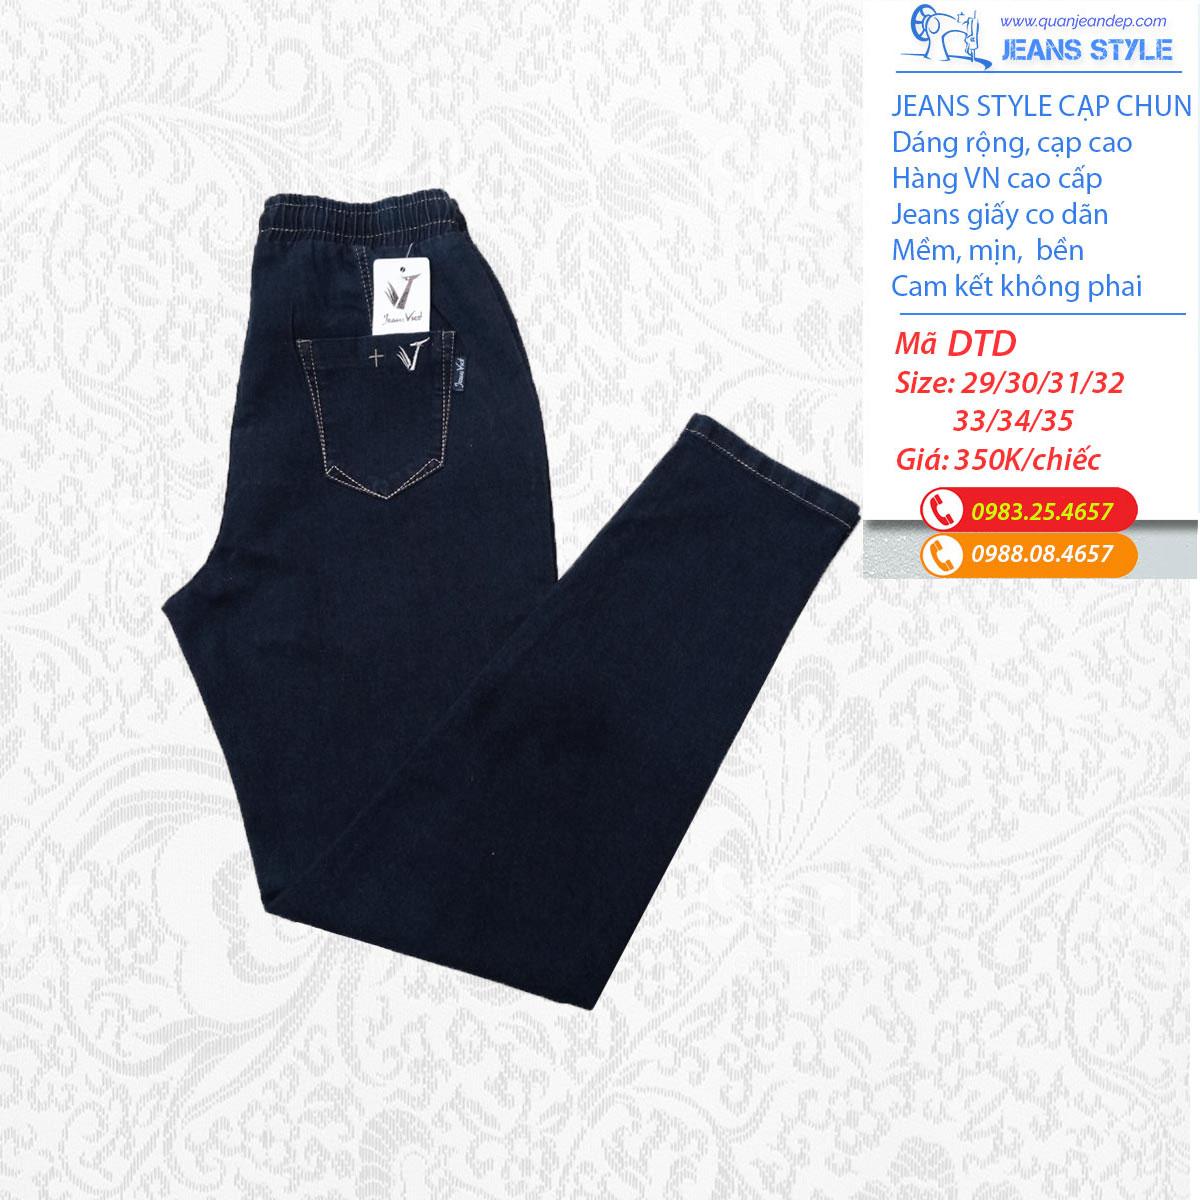 Jeans giấy nữ size lớn dáng rộng cạp chun DTD-đậm trơn dài Giá:350.000,00 ₫